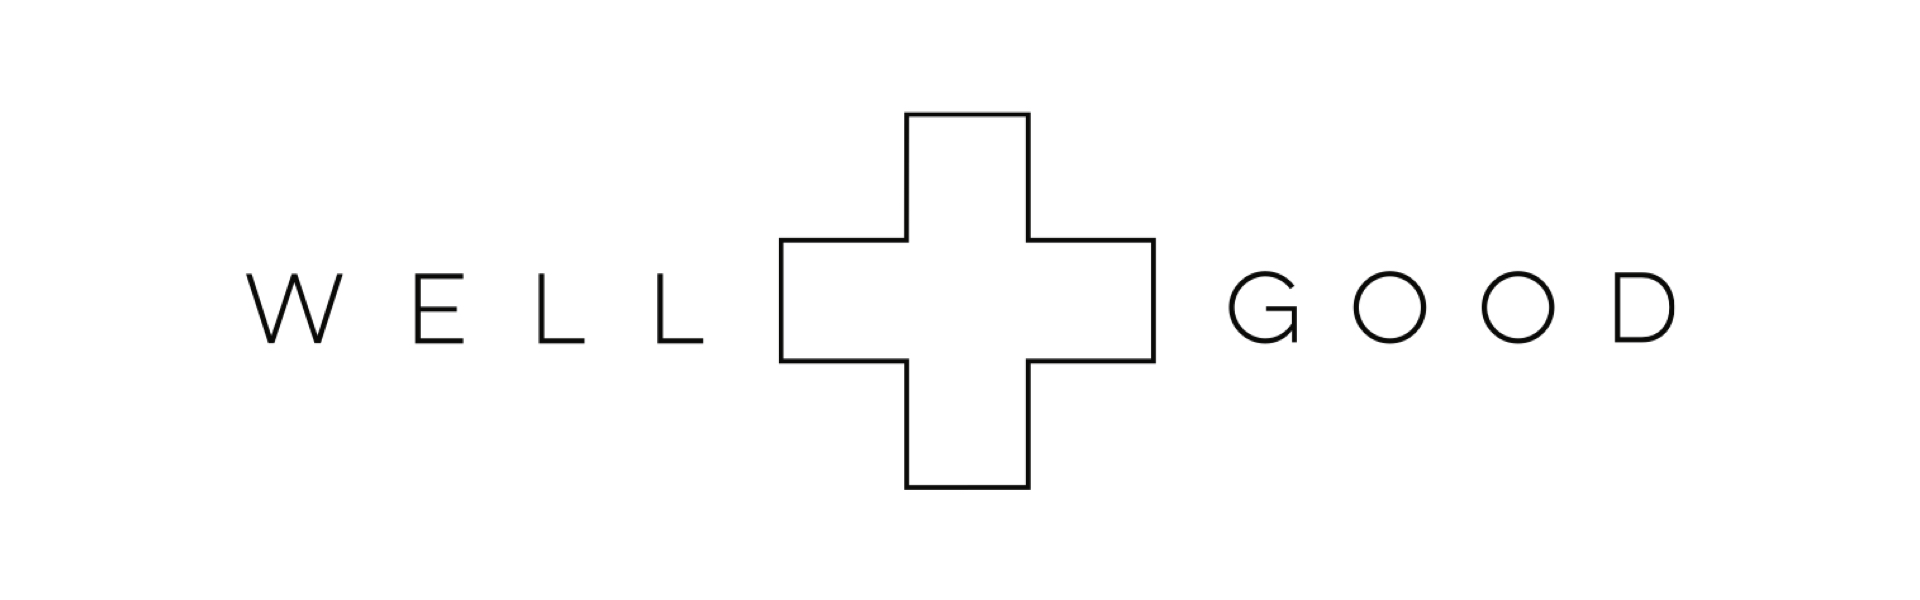 Logos.011.jpeg